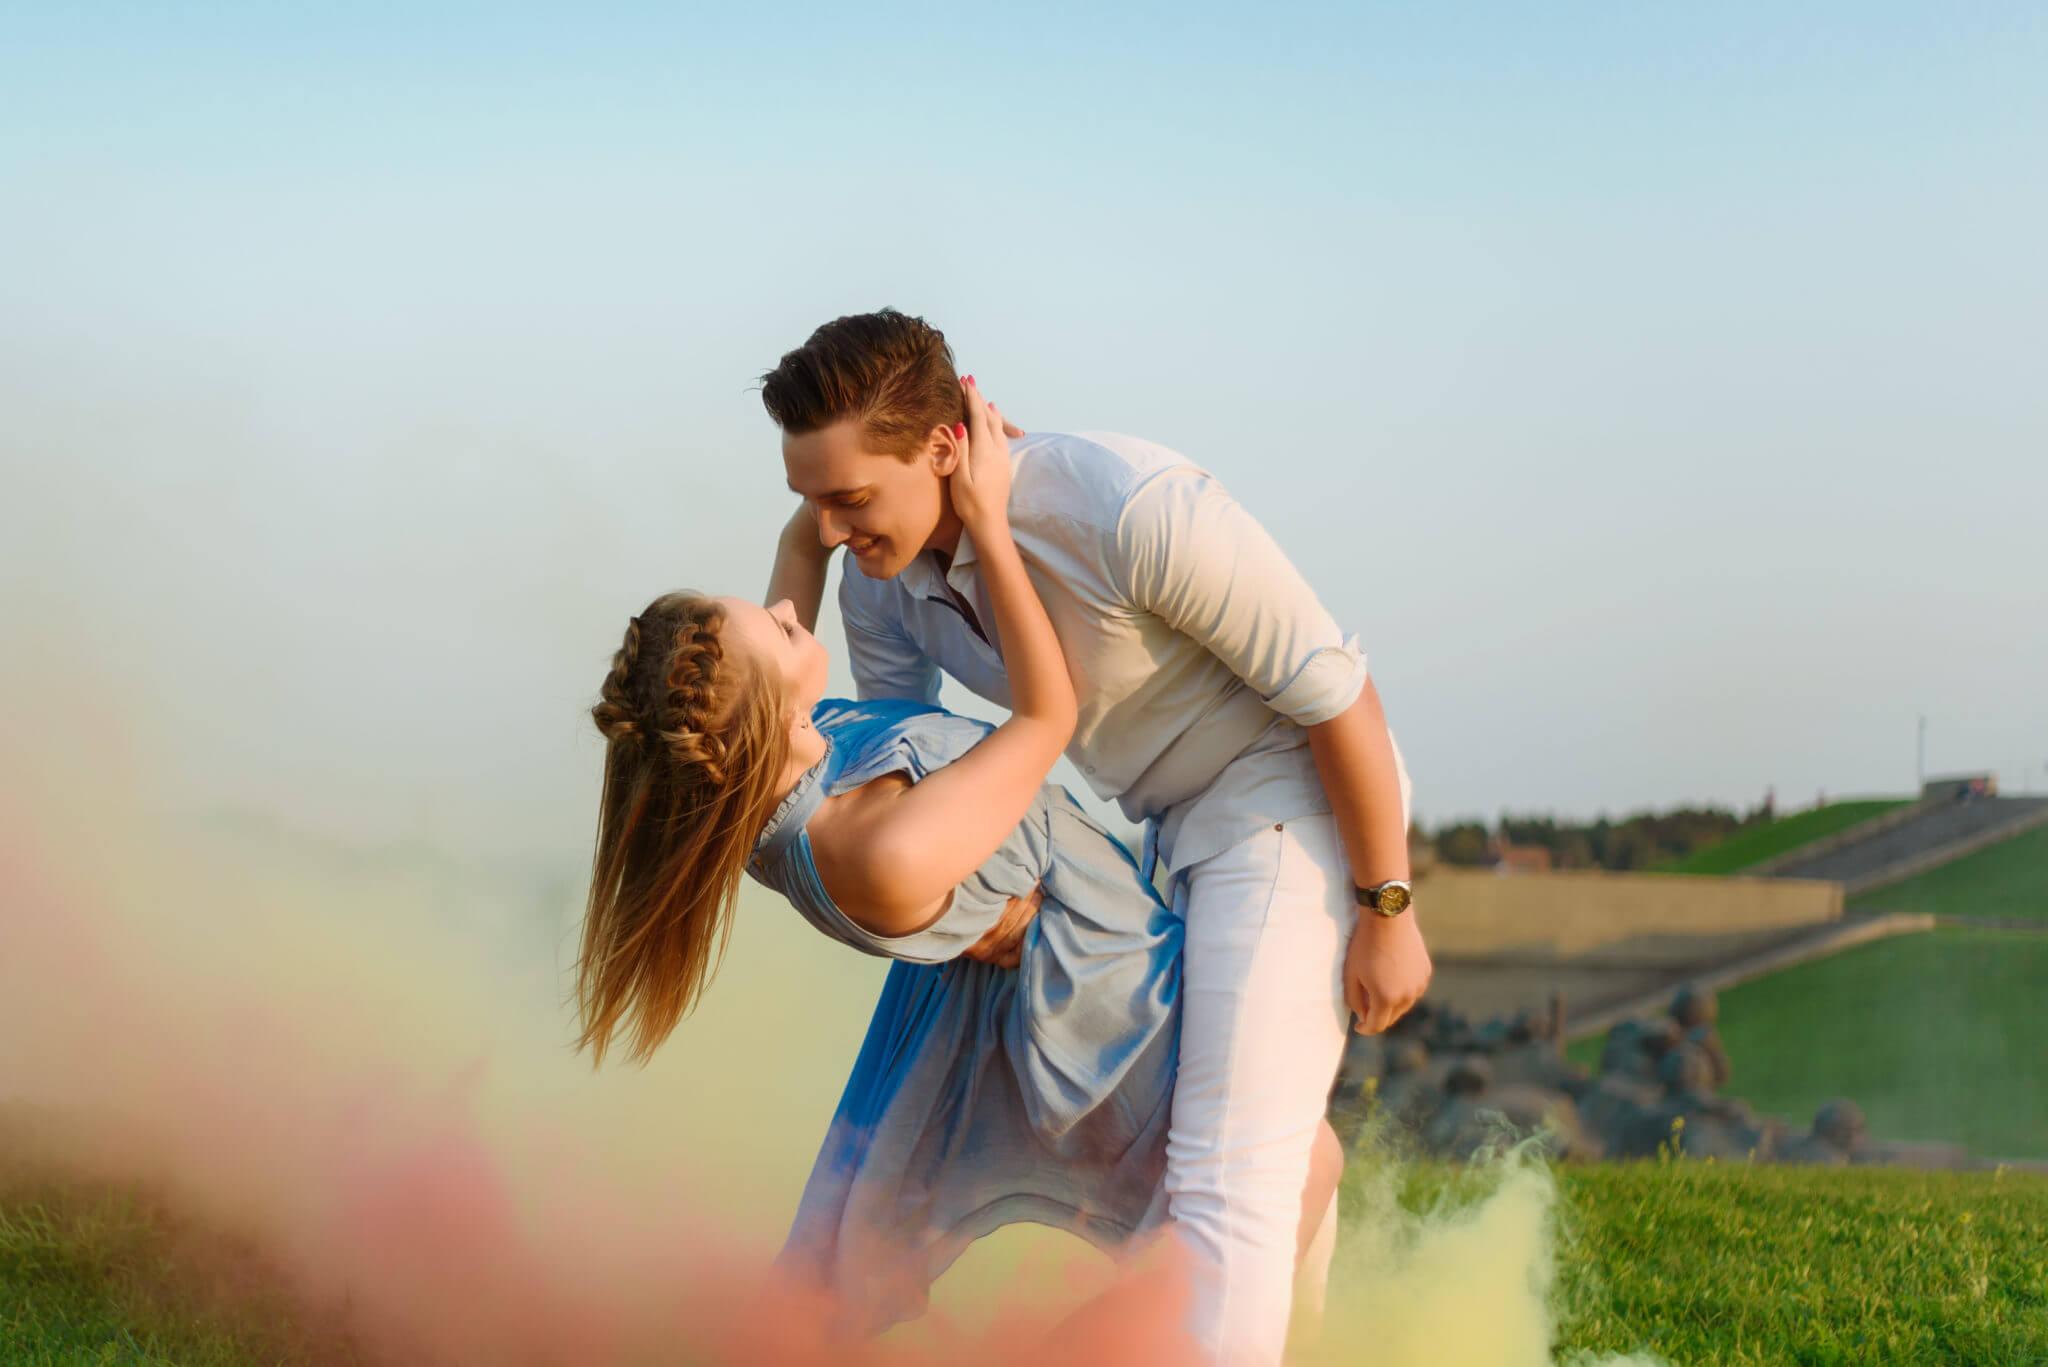 Фотосессия с дымовыми шашками, ph Постникова, Love Story, локация Родина-Мать, зеленый и красный дымы